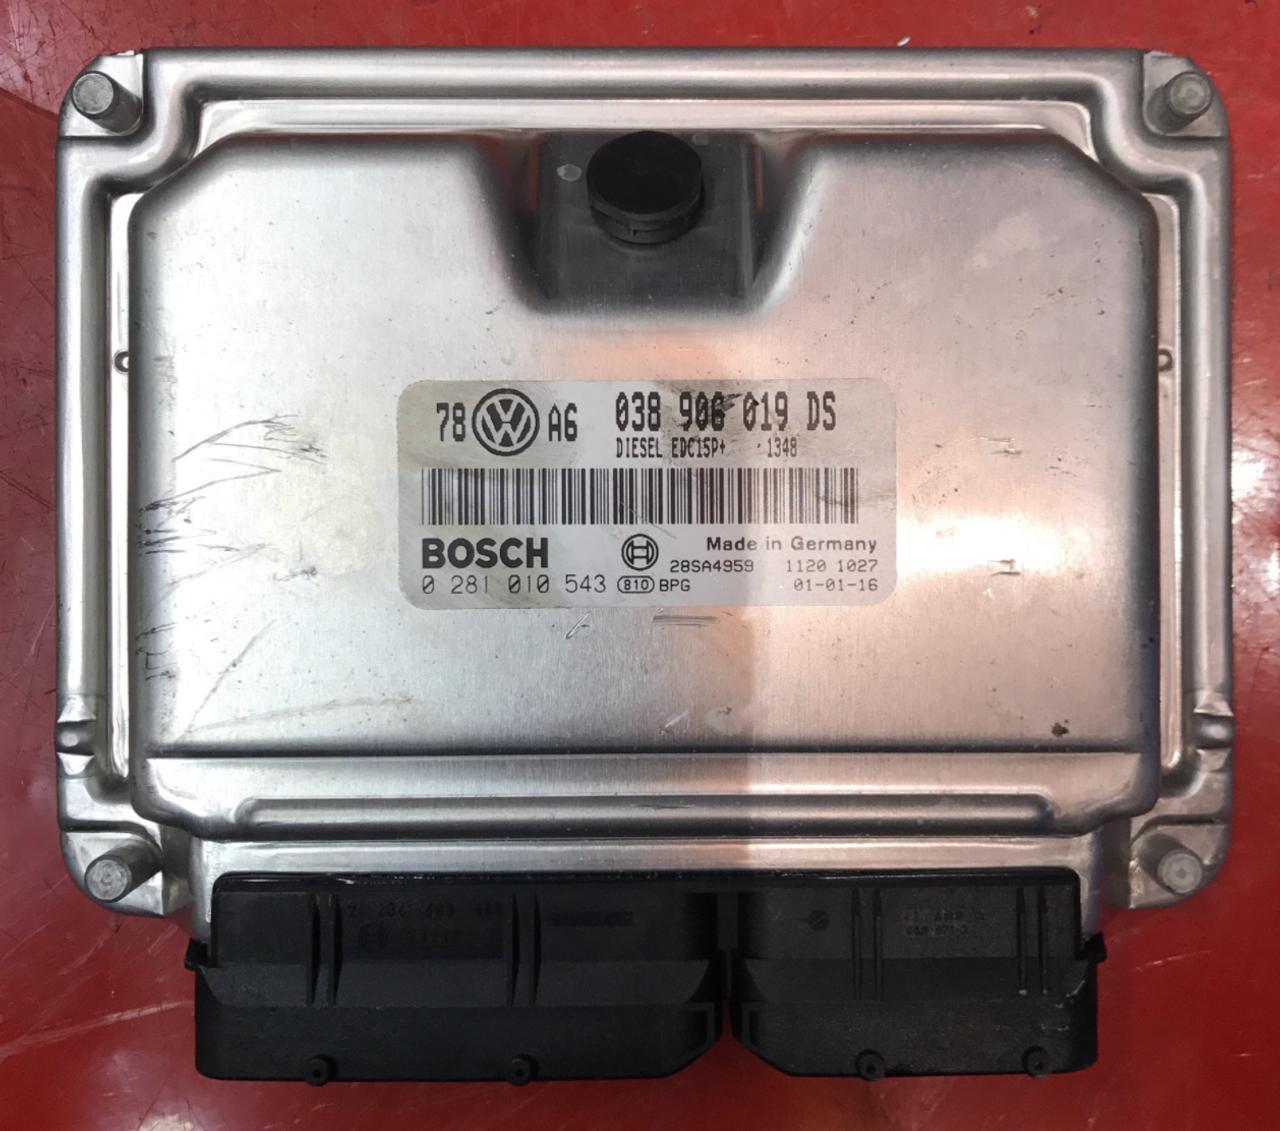 VW Passet 1.9 TDI, 0281010543, 0281 010 543, 038906019DS, 038 906 019 DS, EDC15P+